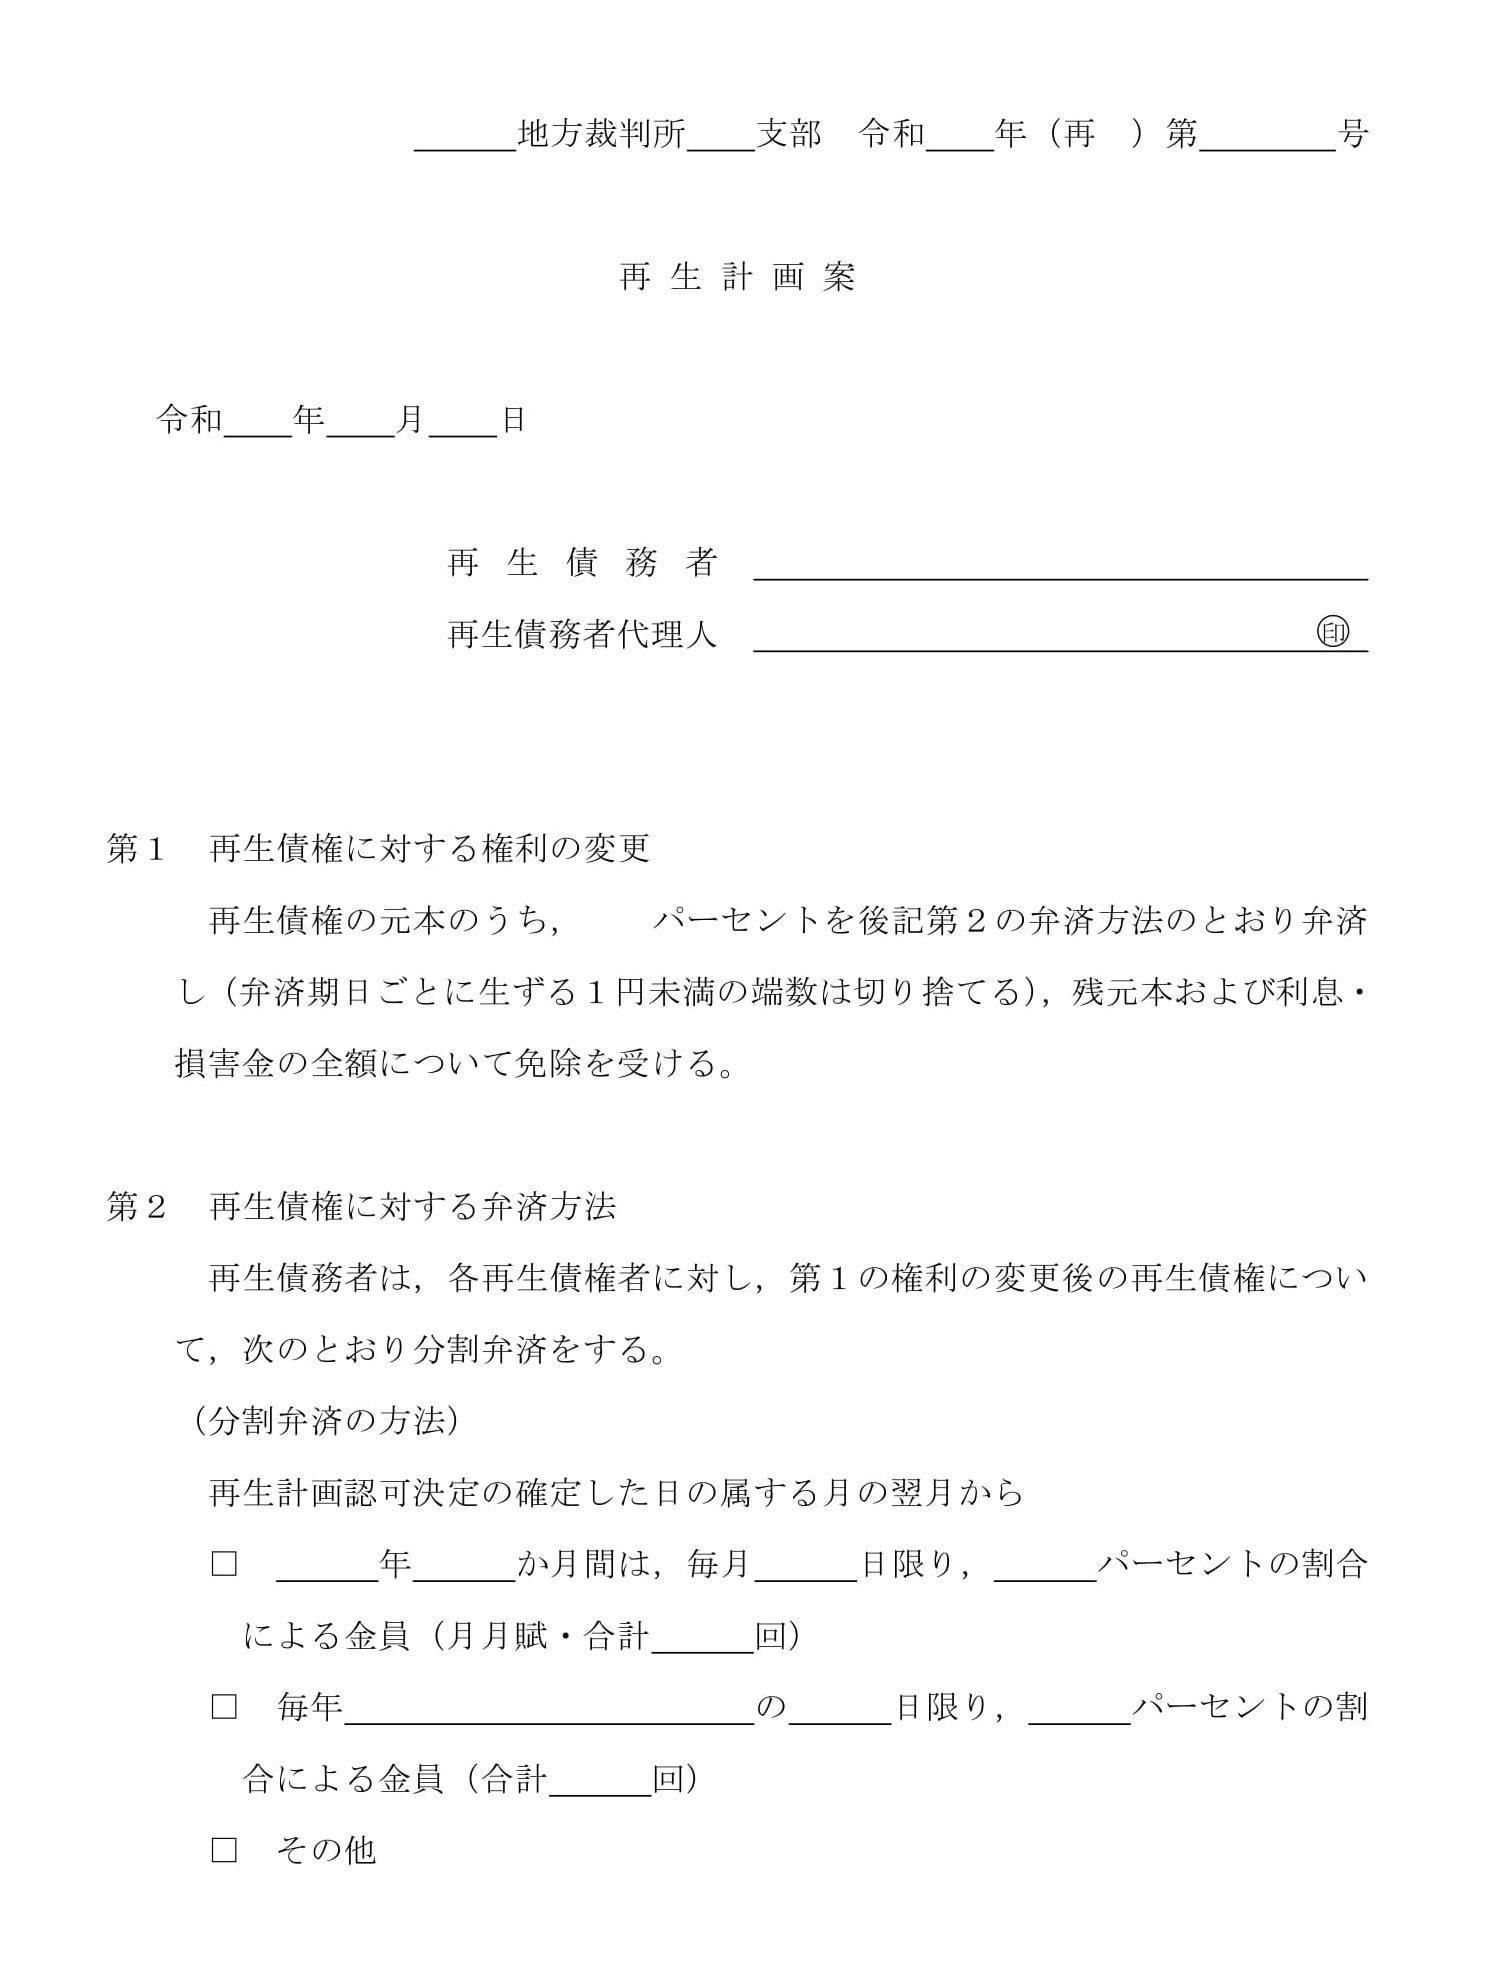 再生計画案05のテンプレート書式